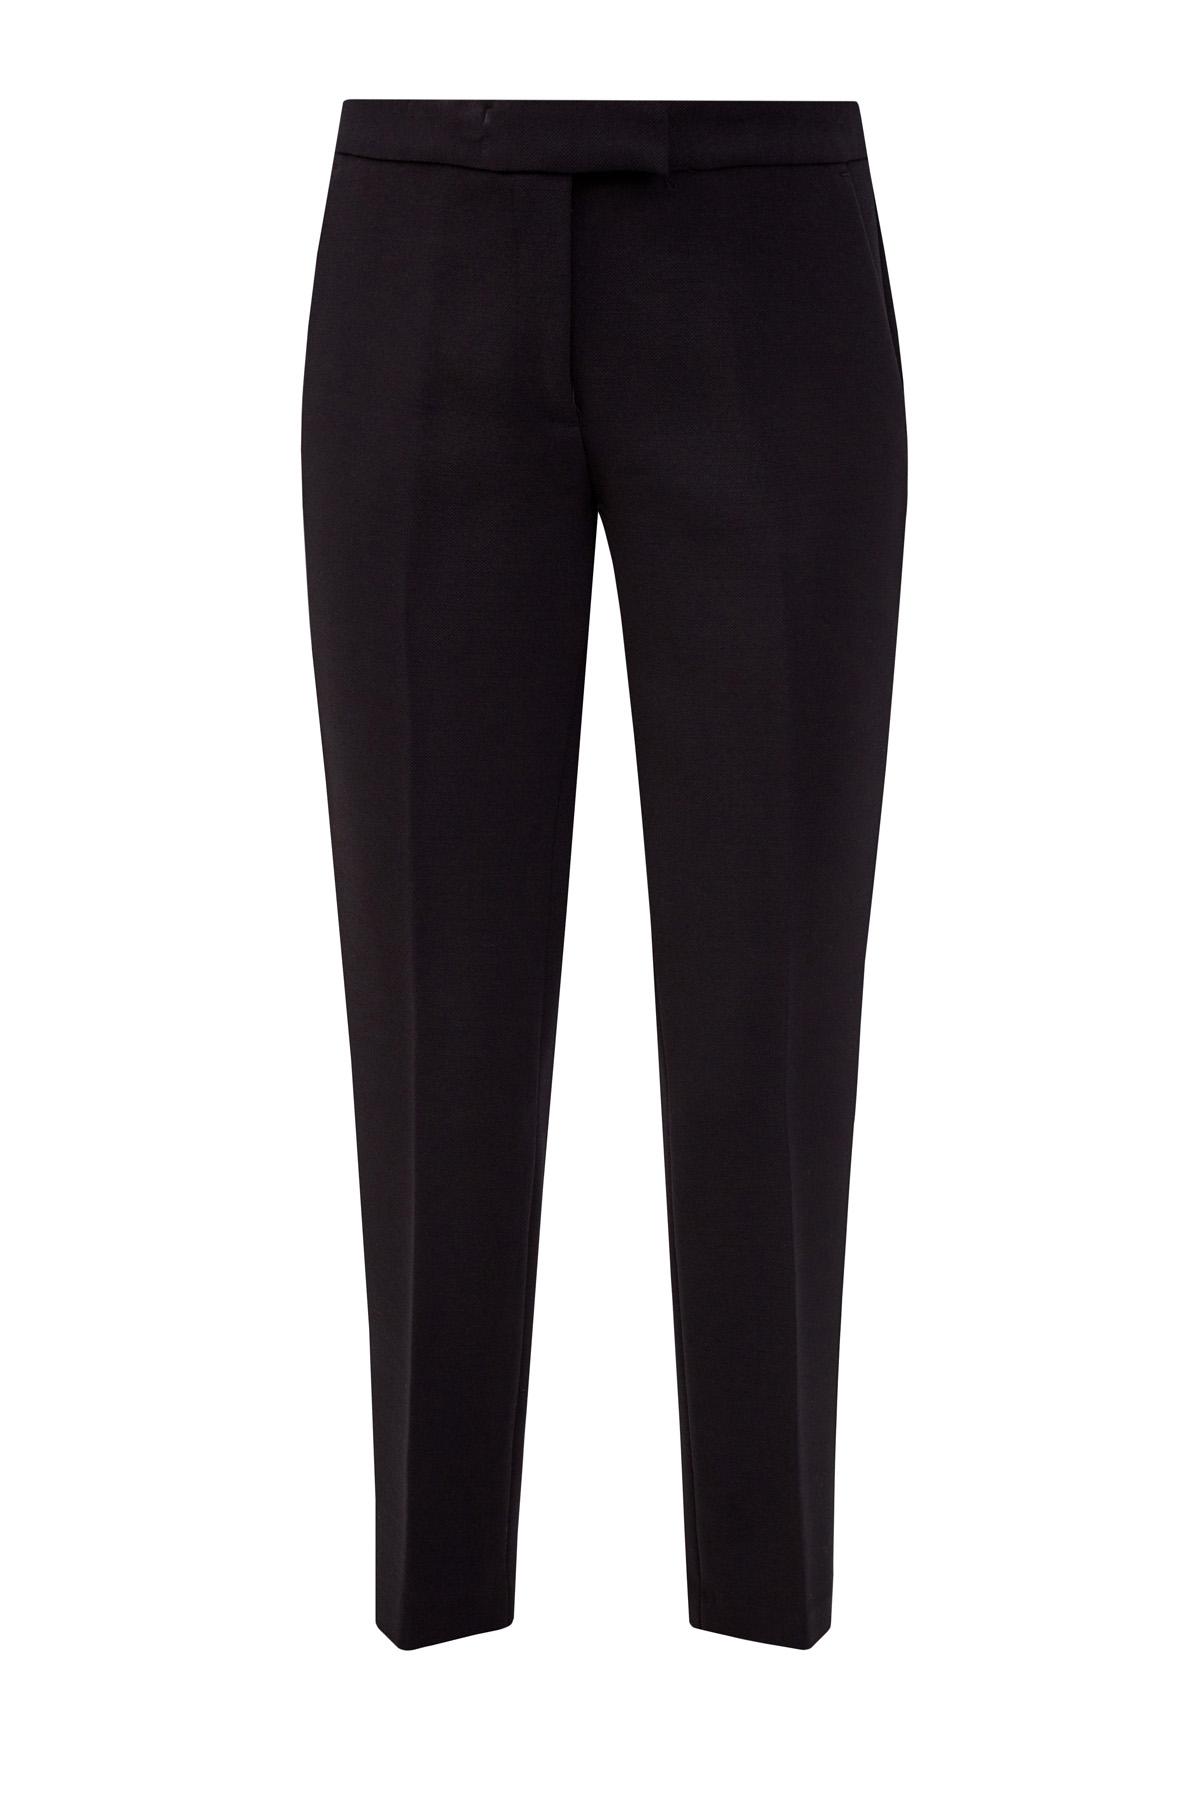 Укороченные брюки из саржи в классическом стиле фото